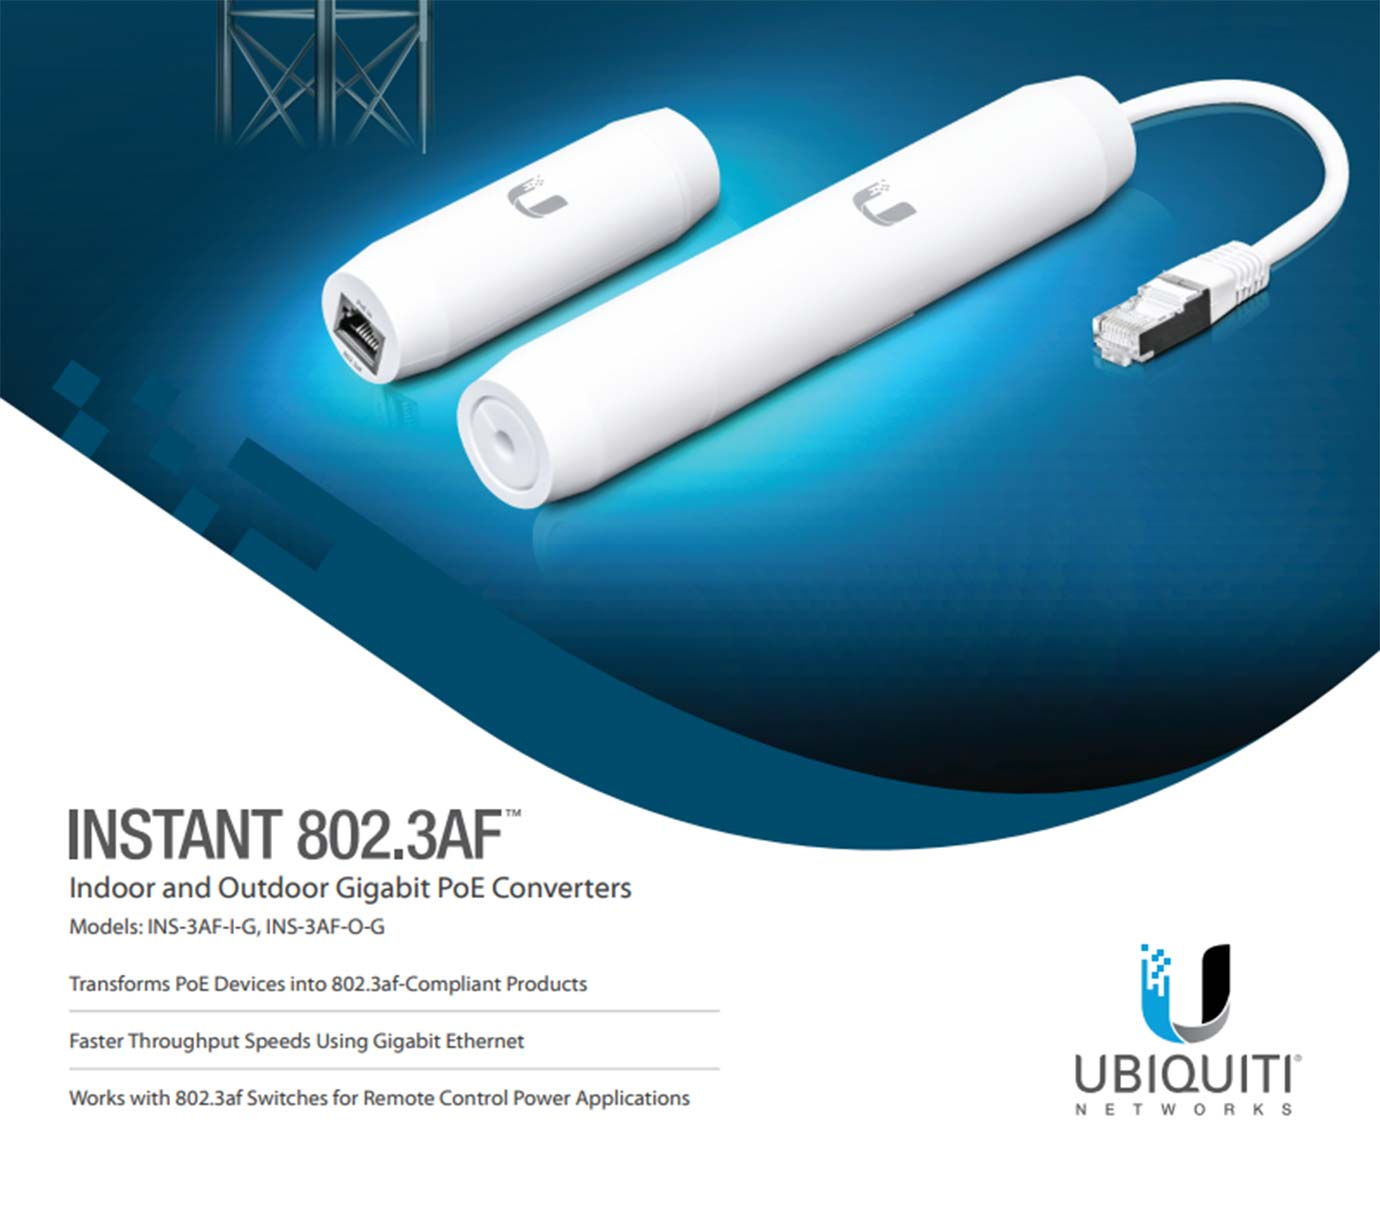 INSTANT 802.3AF